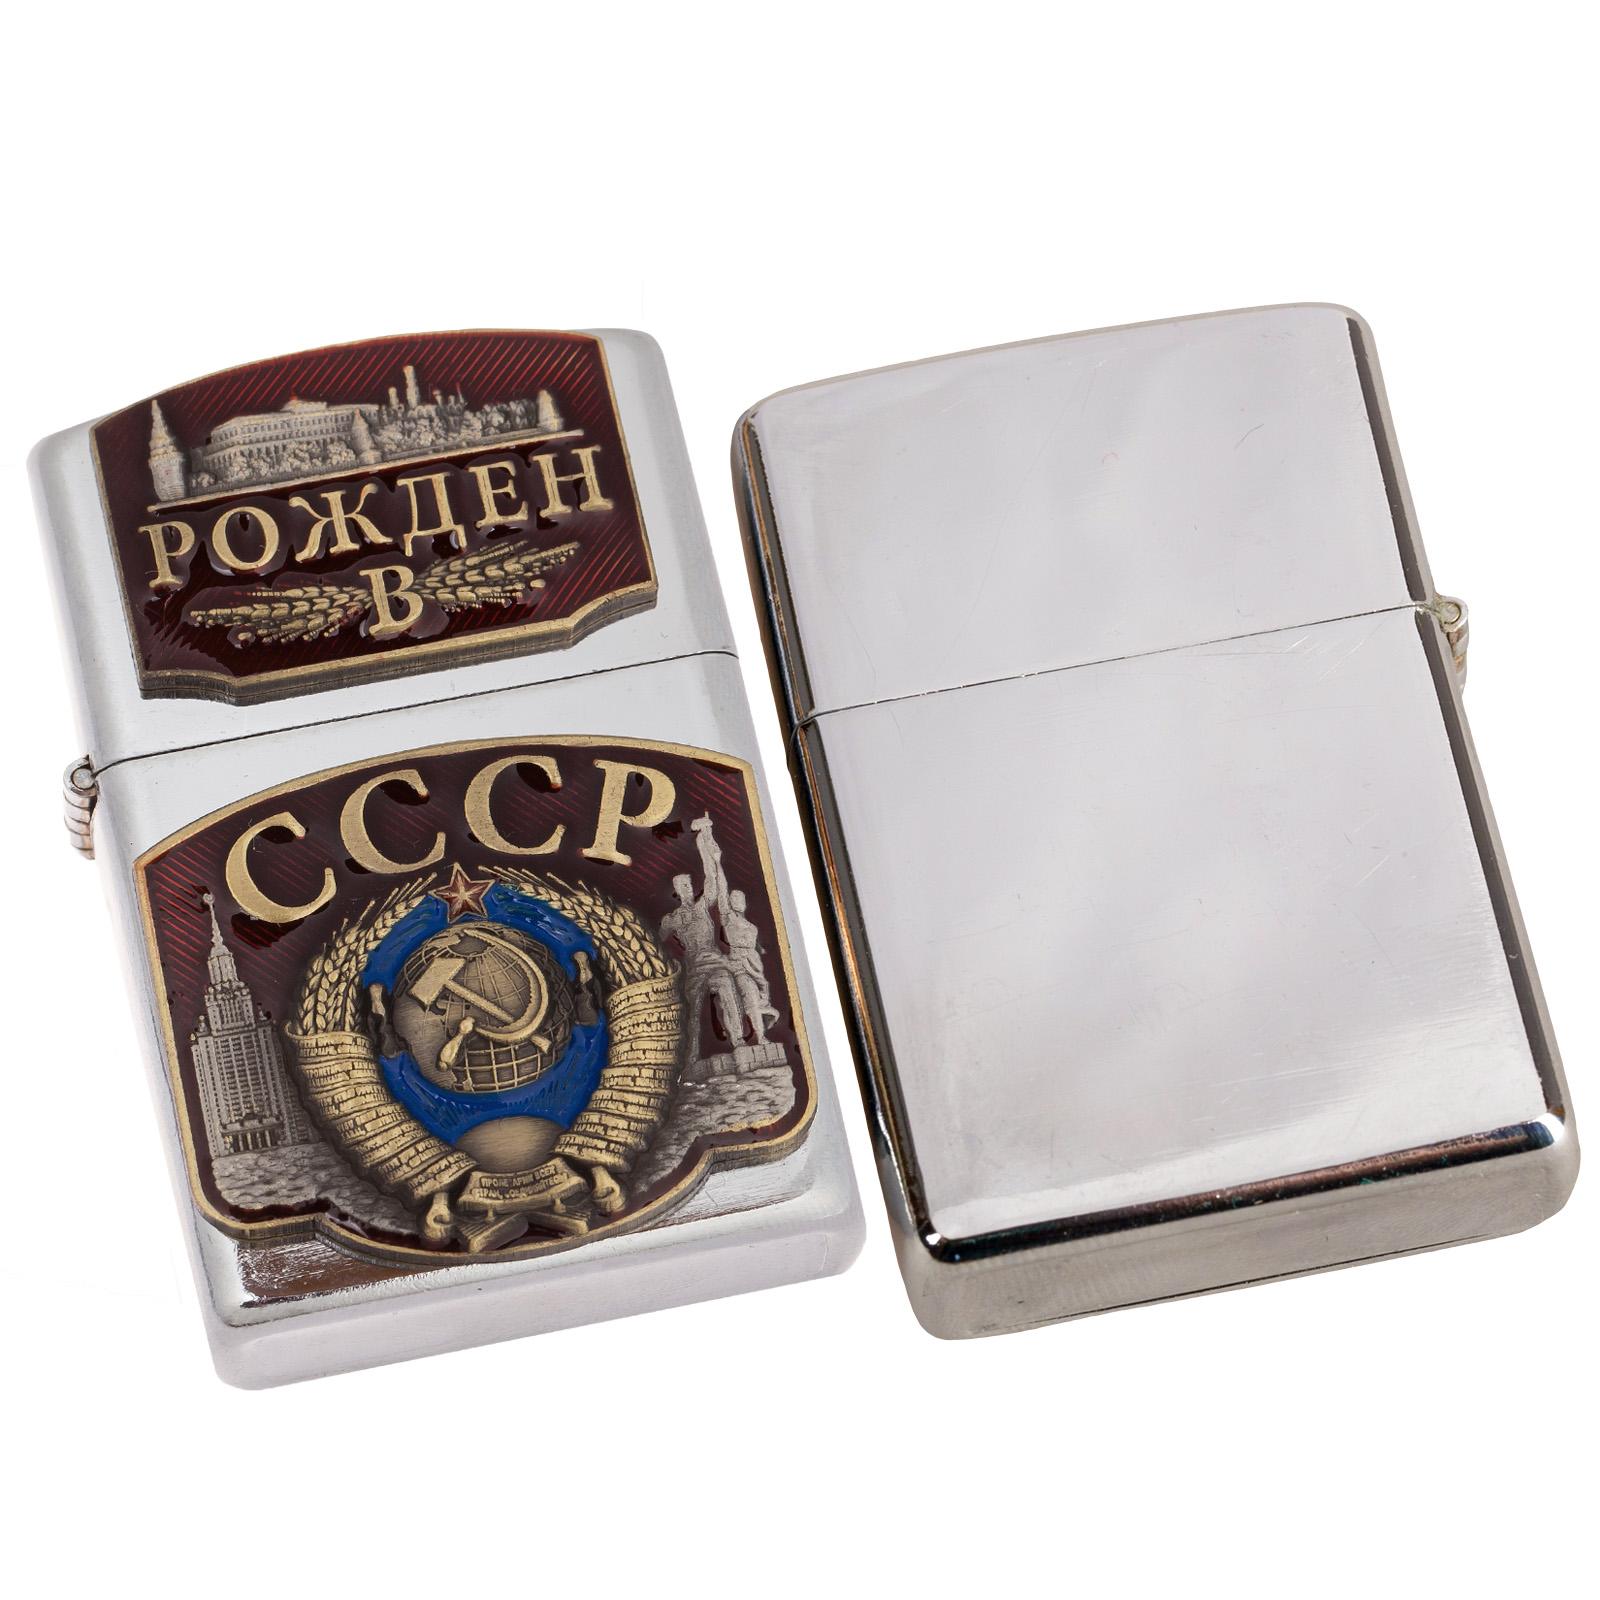 Зажигалка в подарок рождённым в СССР по выгодной цене